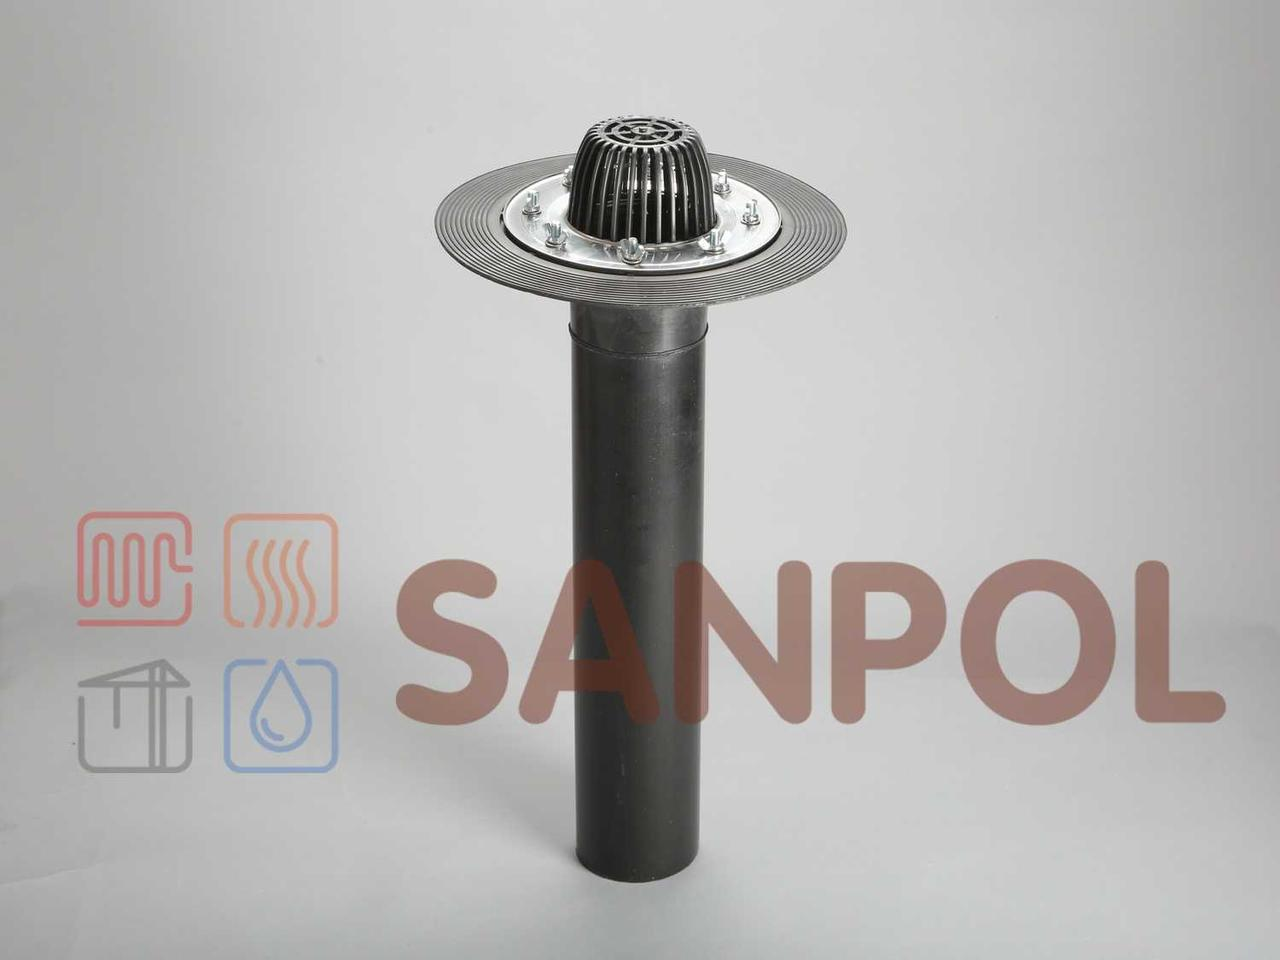 Воронка кровельная SANPOL 110/600мм с нержавеющим фланцем, битумным фартуком